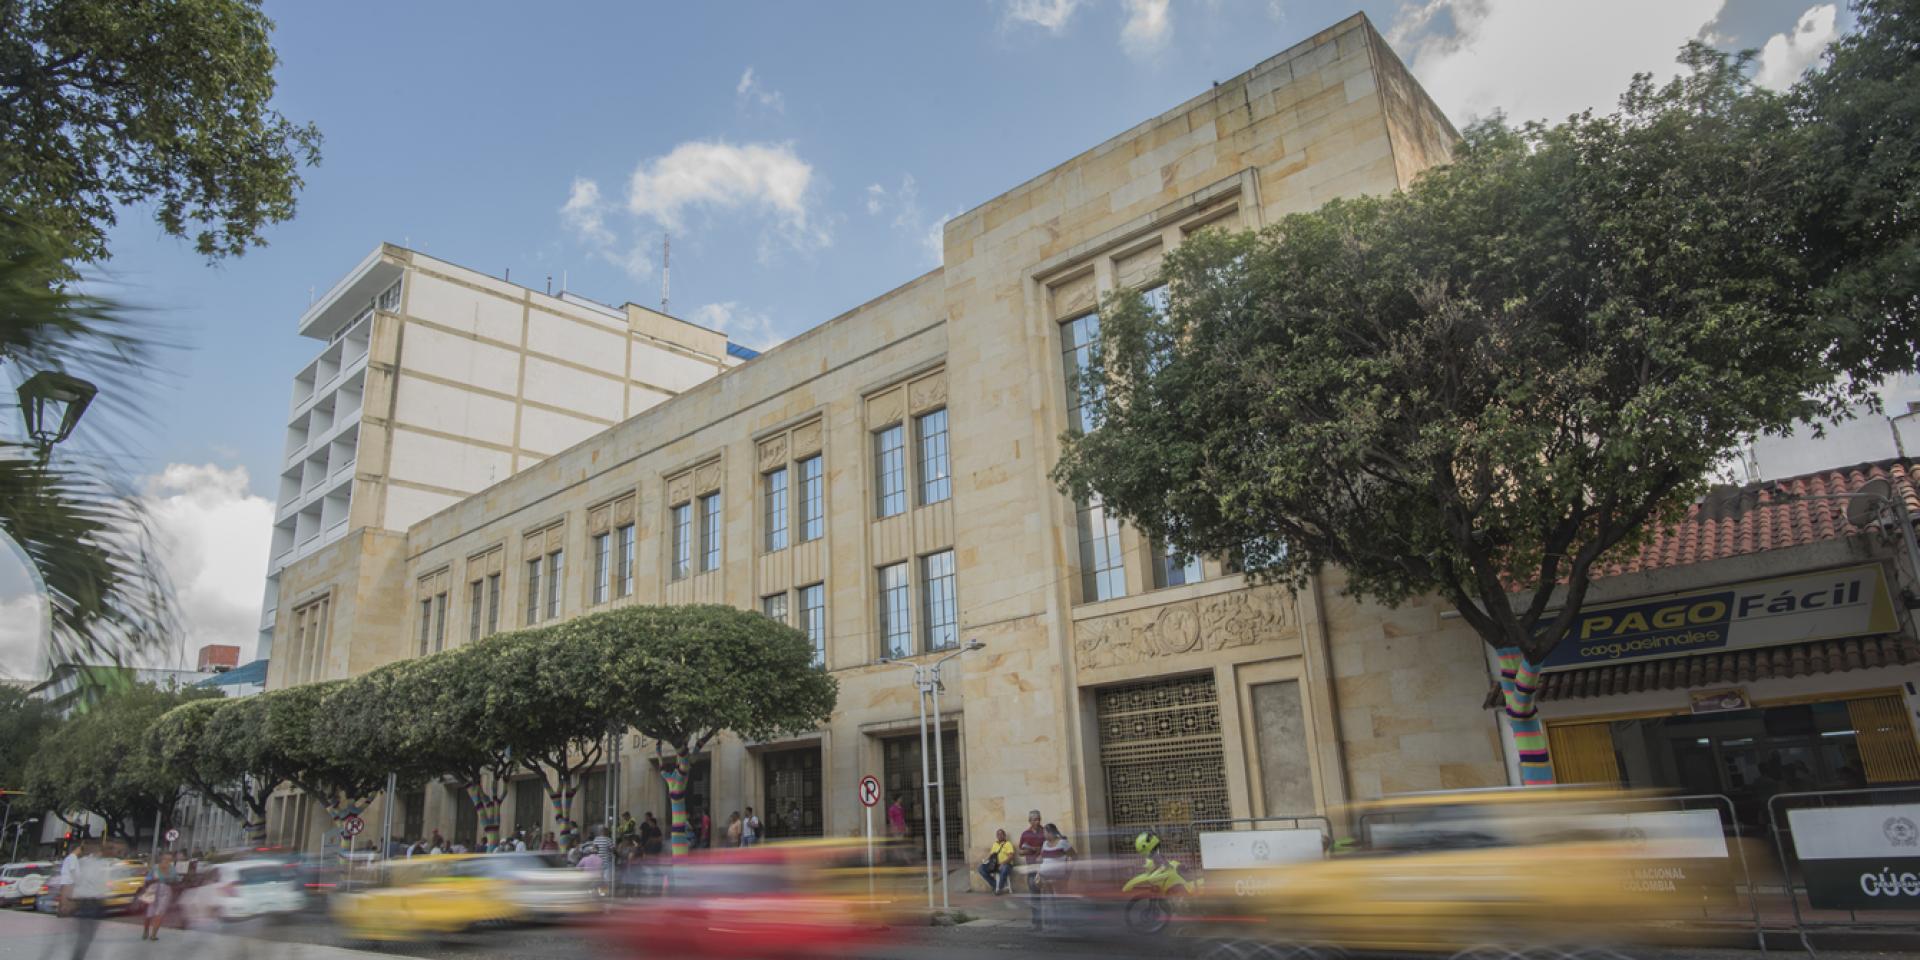 calle plaza principal - Jonathan Manrique Nossa